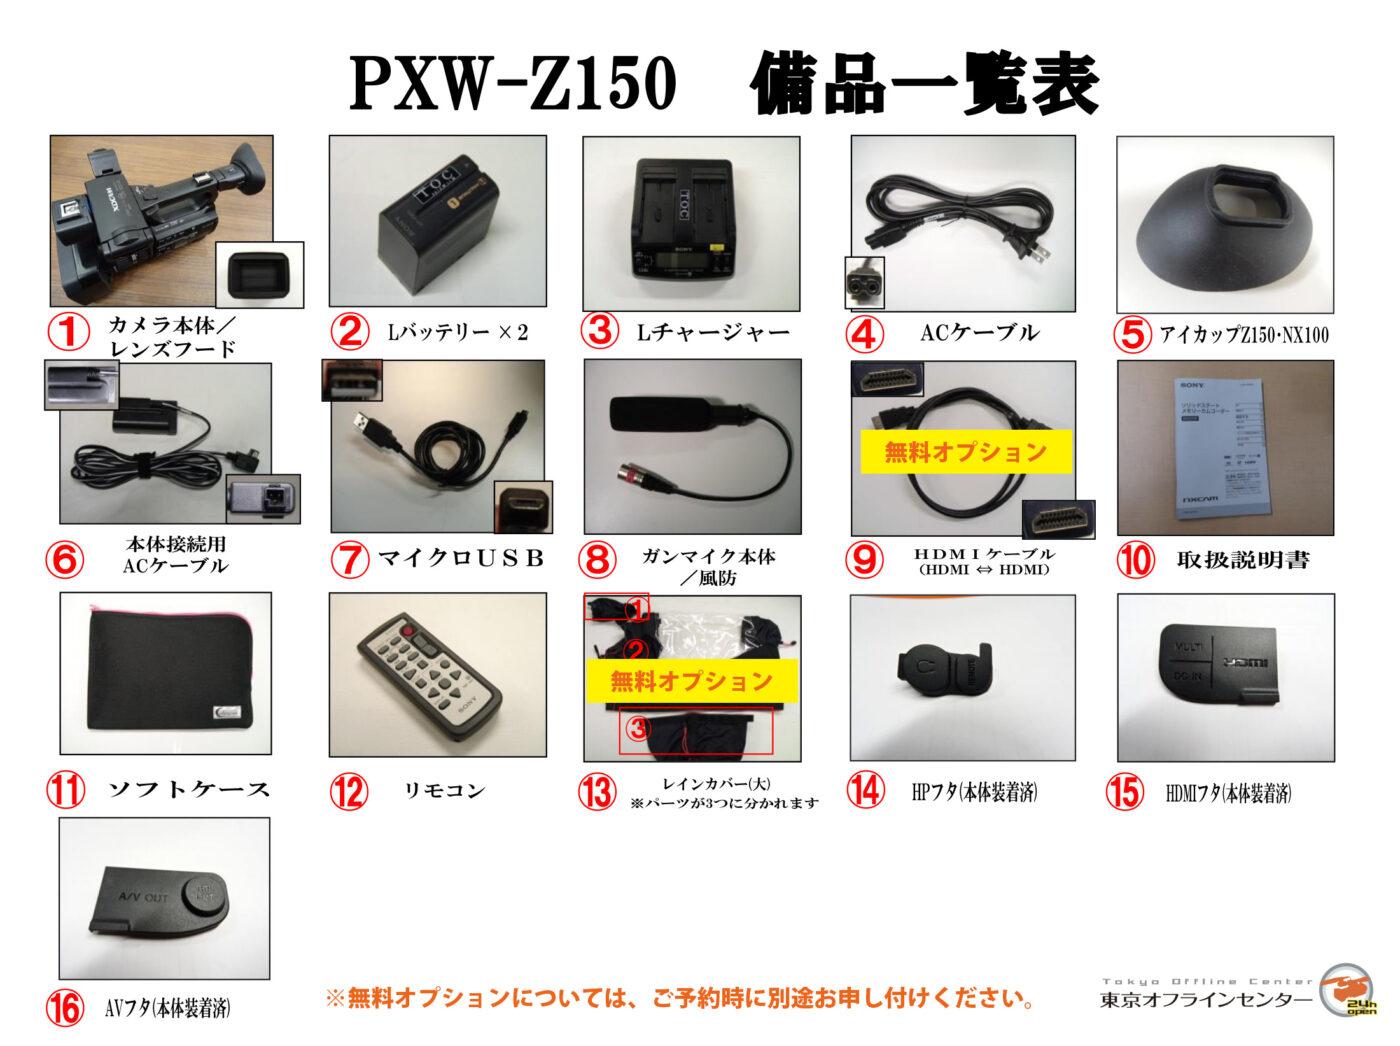 PXW-Z150 備品一覧